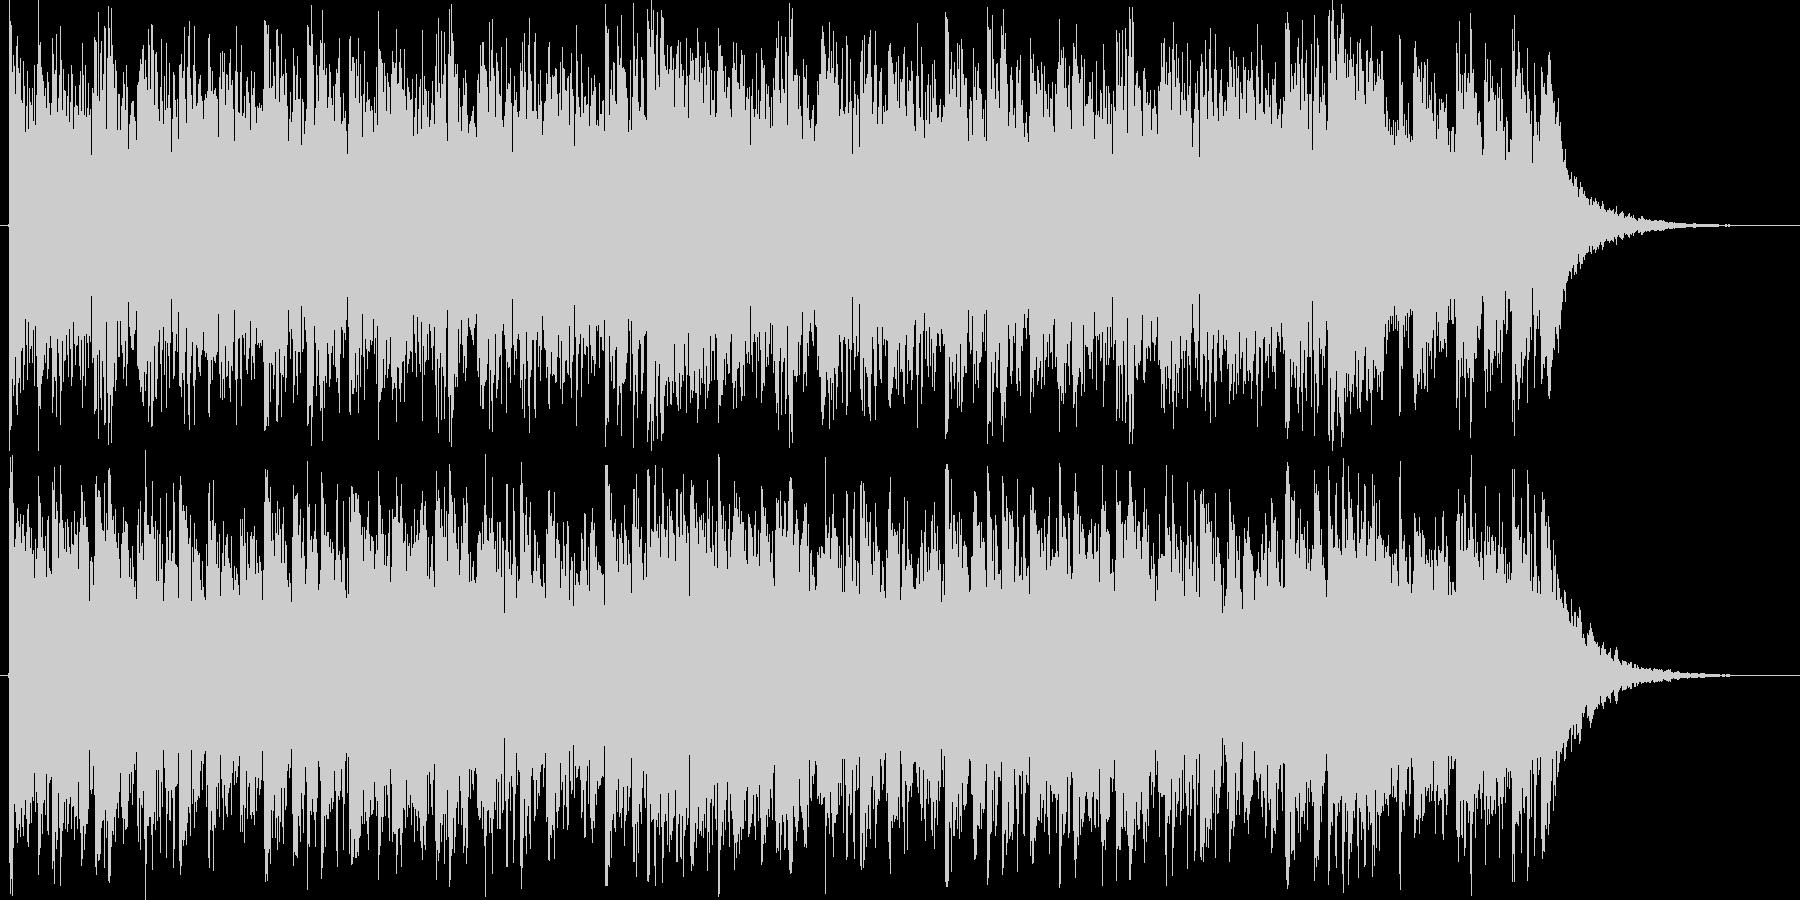 ロック、オーケストラ、リズムの融合ロゴの未再生の波形